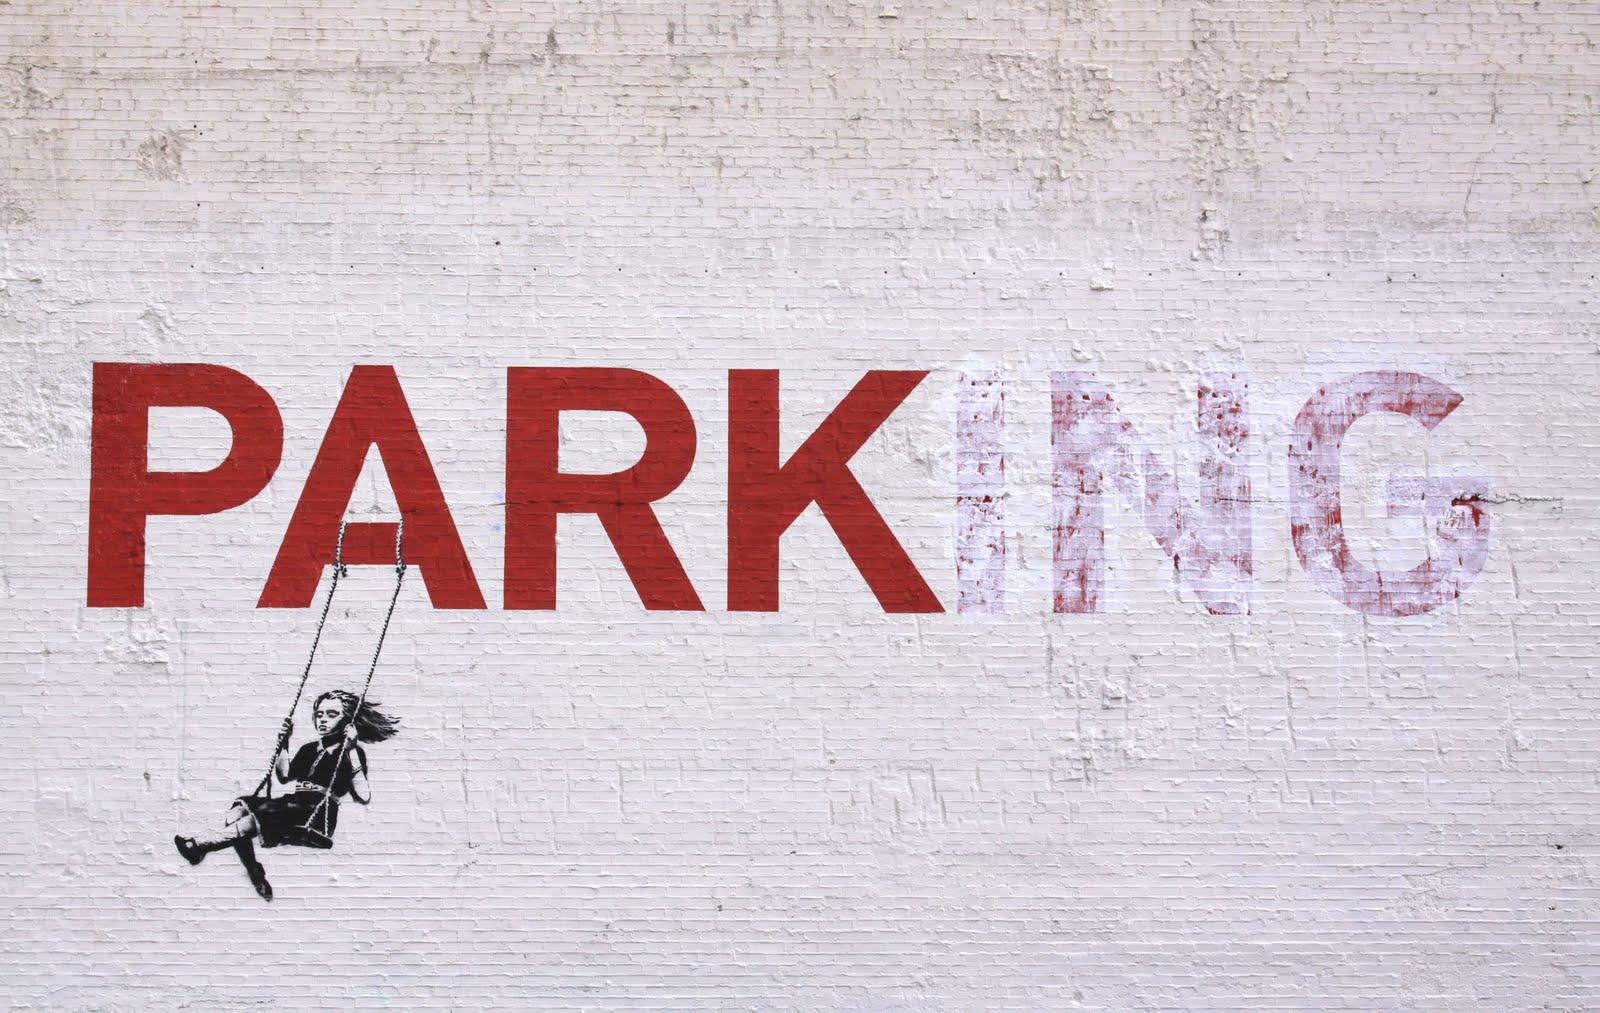 http://3.bp.blogspot.com/_kjO_3NFa3-w/S8NqPrz3edI/AAAAAAAAAoc/cFPqDyaelRg/s1600/Banksy2cropped.jpg